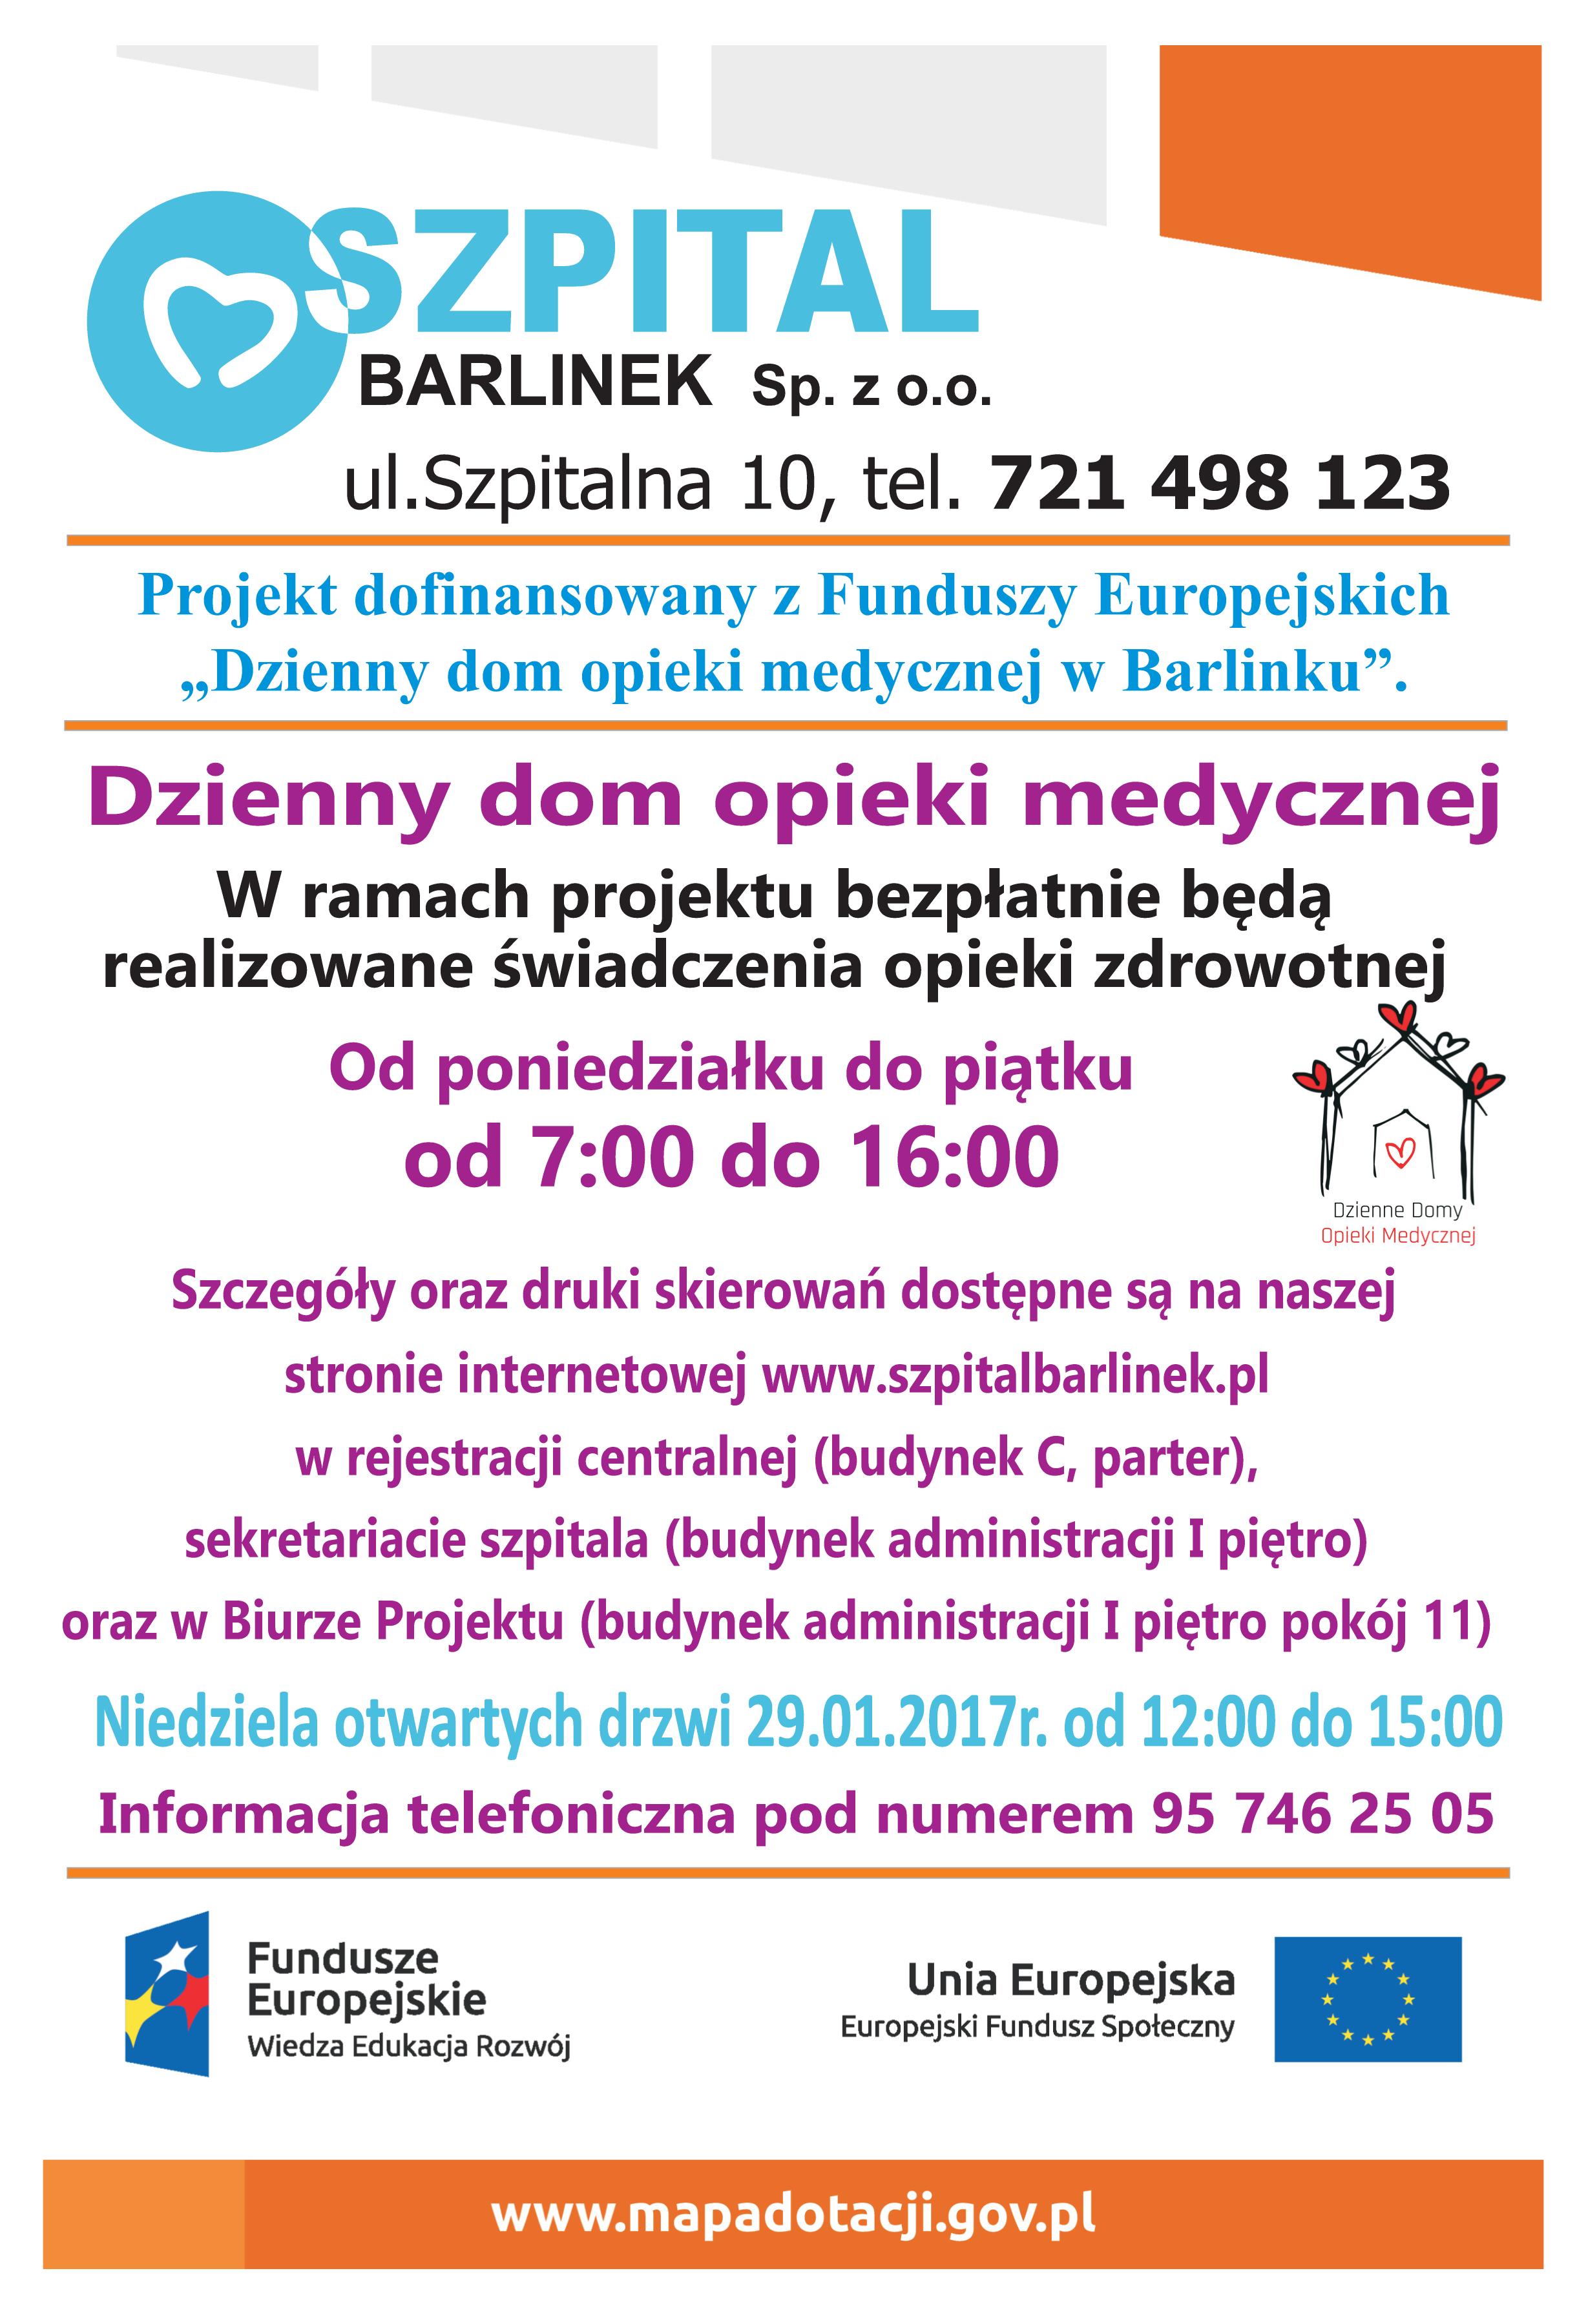 Informacja oDziennym domu opieki medycznej